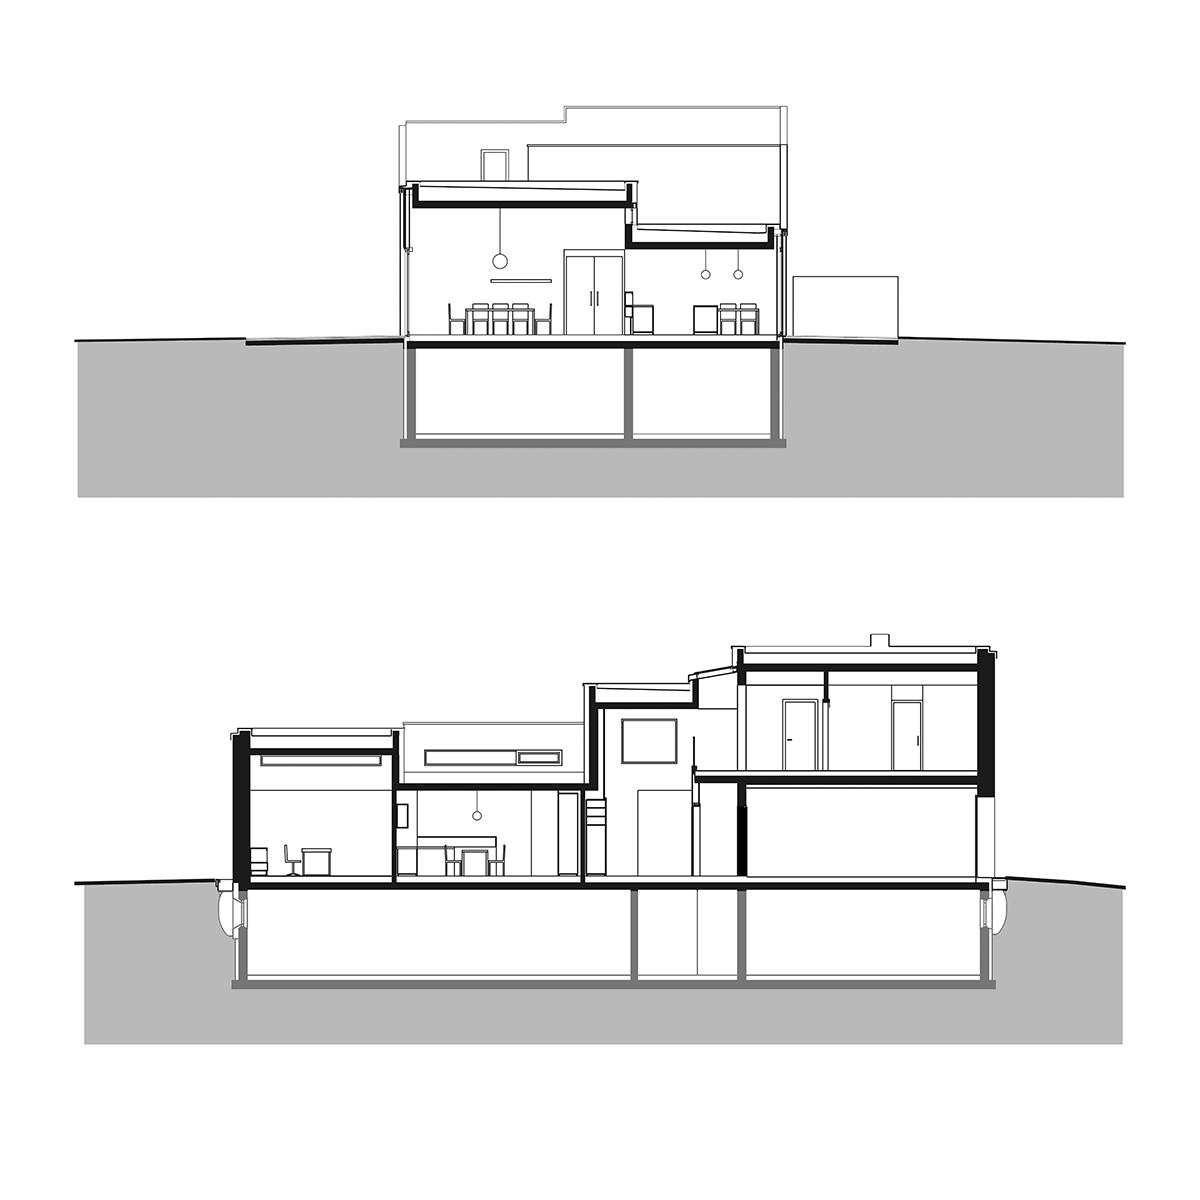 fassade, architekt, haus, modern, architektur, architektenhaus, auszugshaus, landleben, gartenarchitektur, pensionistenpaar,